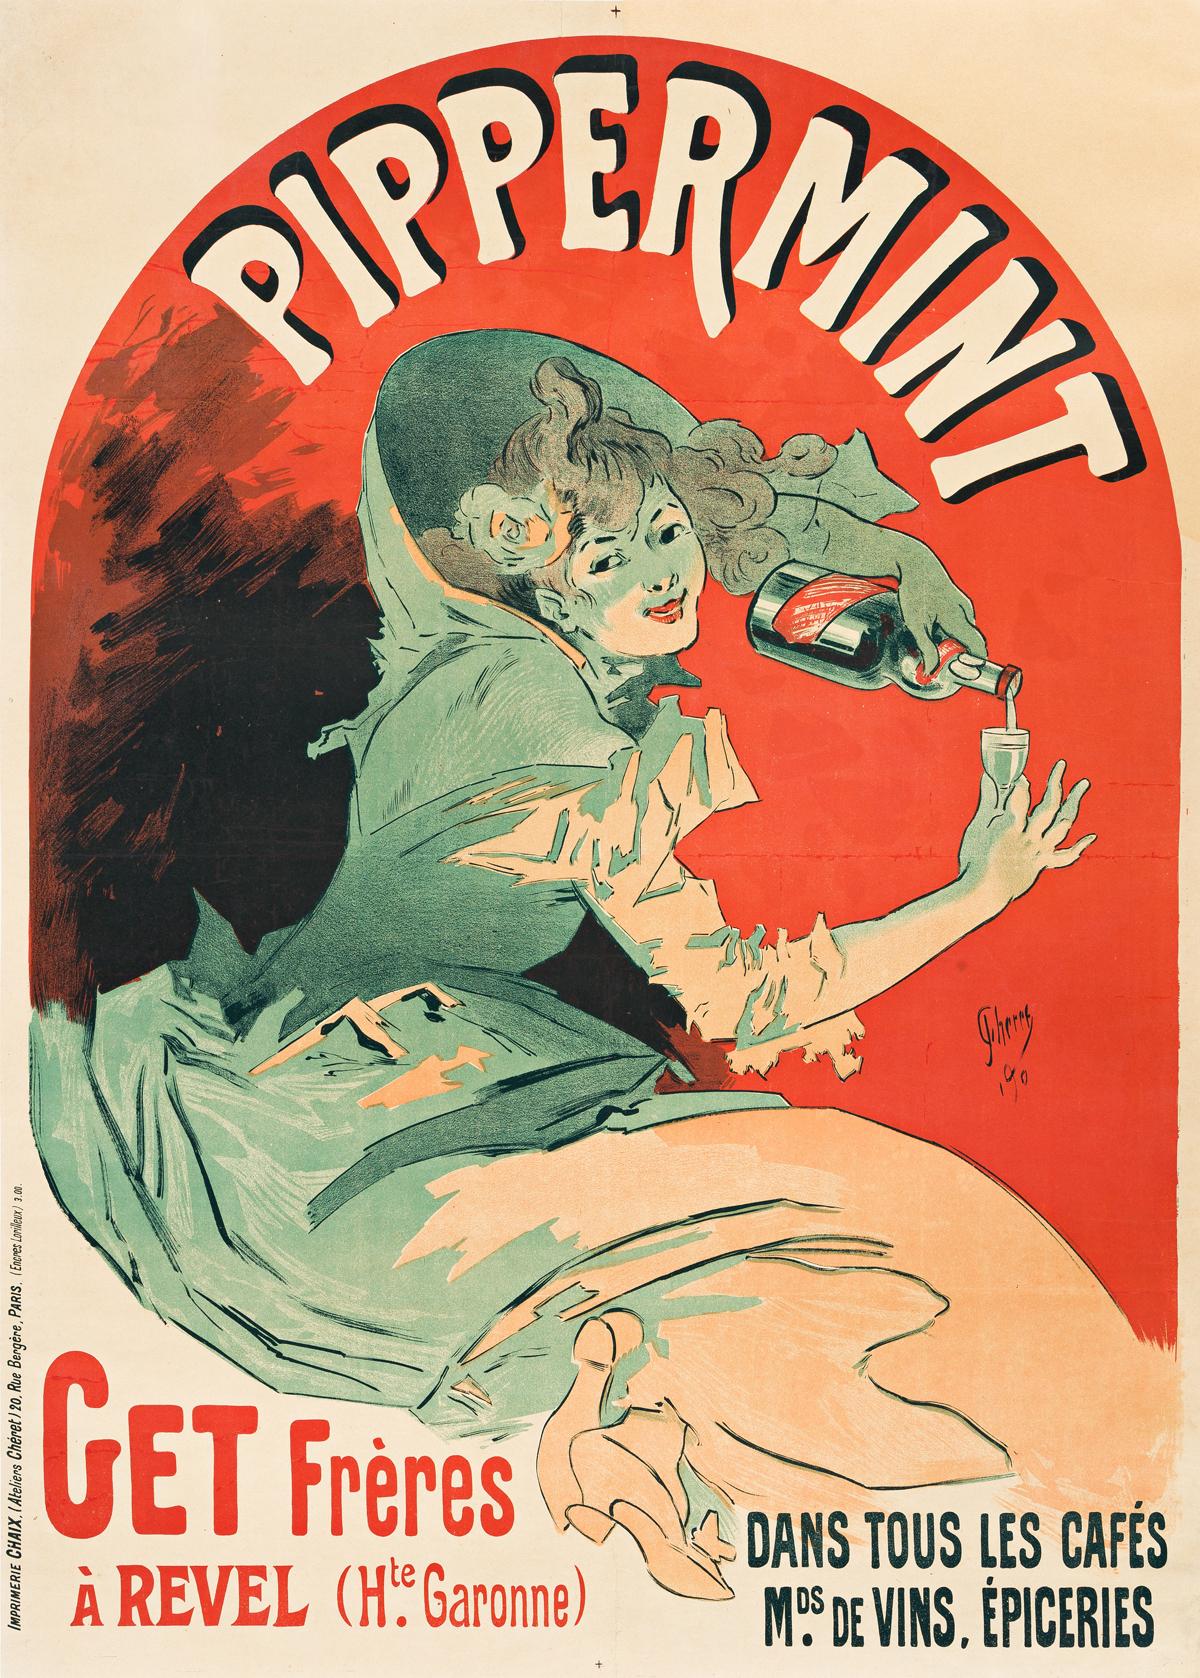 JULES CHÉRET (1836-1932).  PIPPERMINT. 1900. 48x33 inches, 122x86 cm. Chaix, Paris.